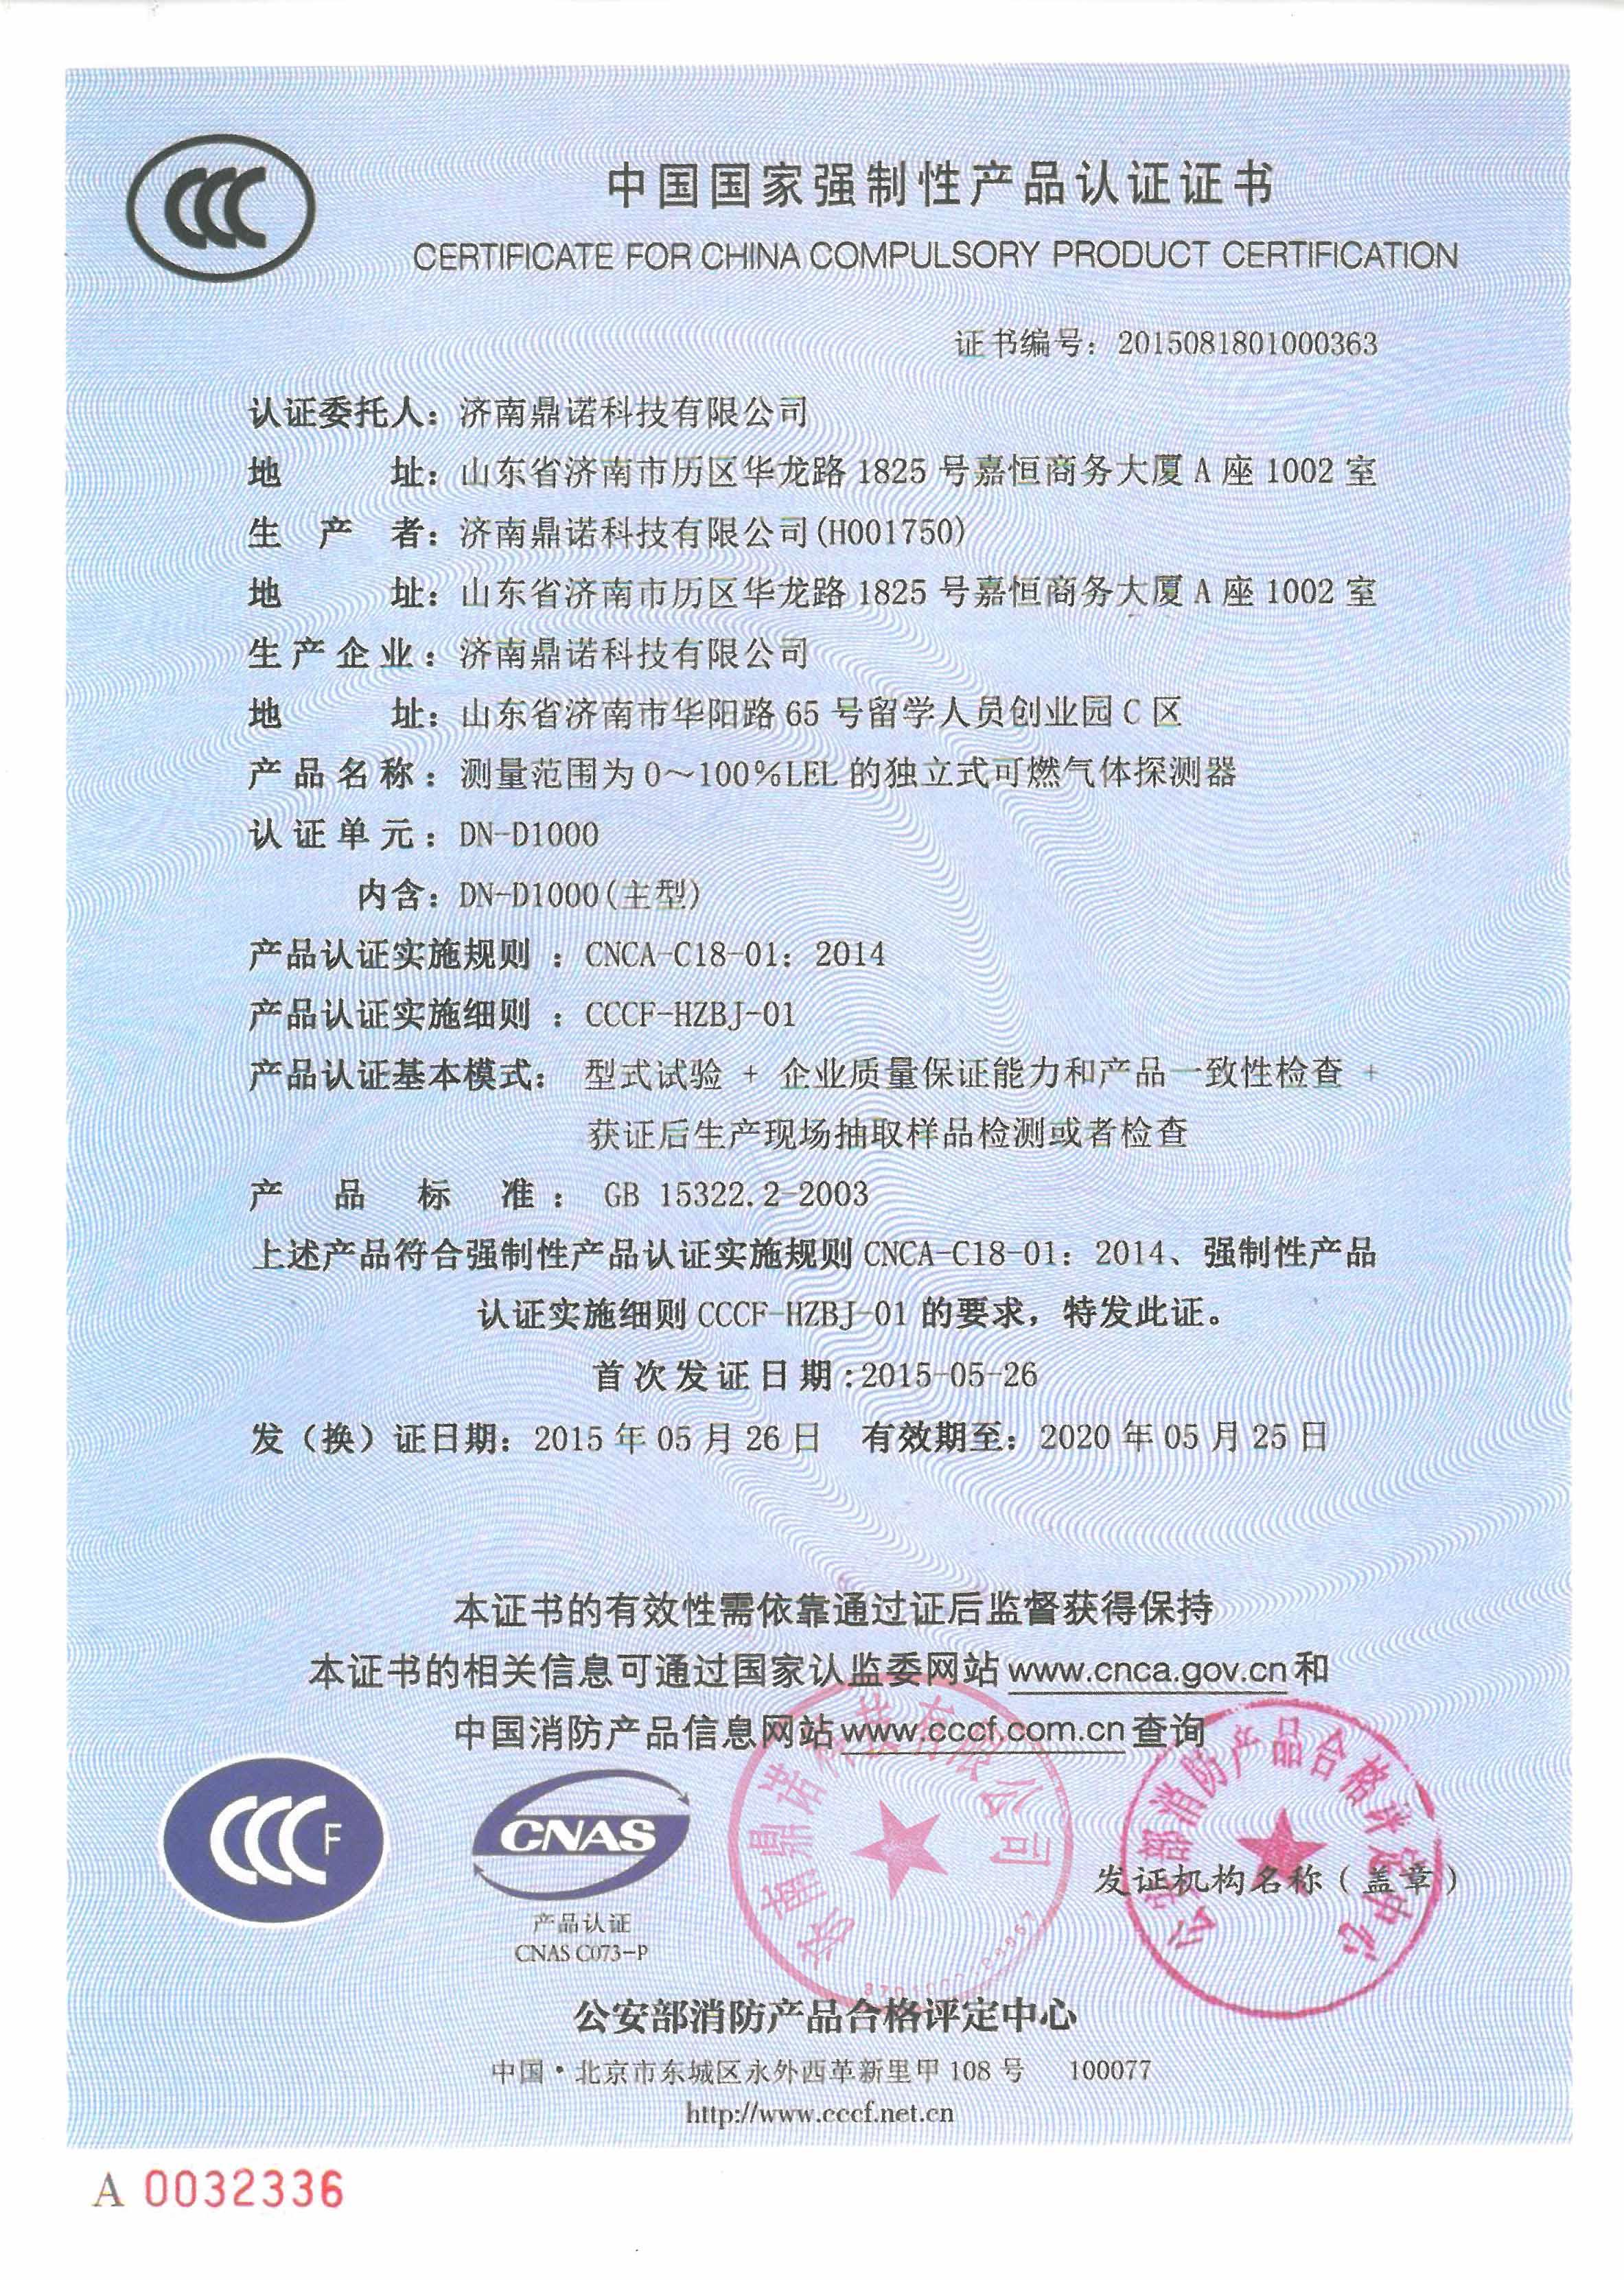 DN-D1000型式強制產品認證證書